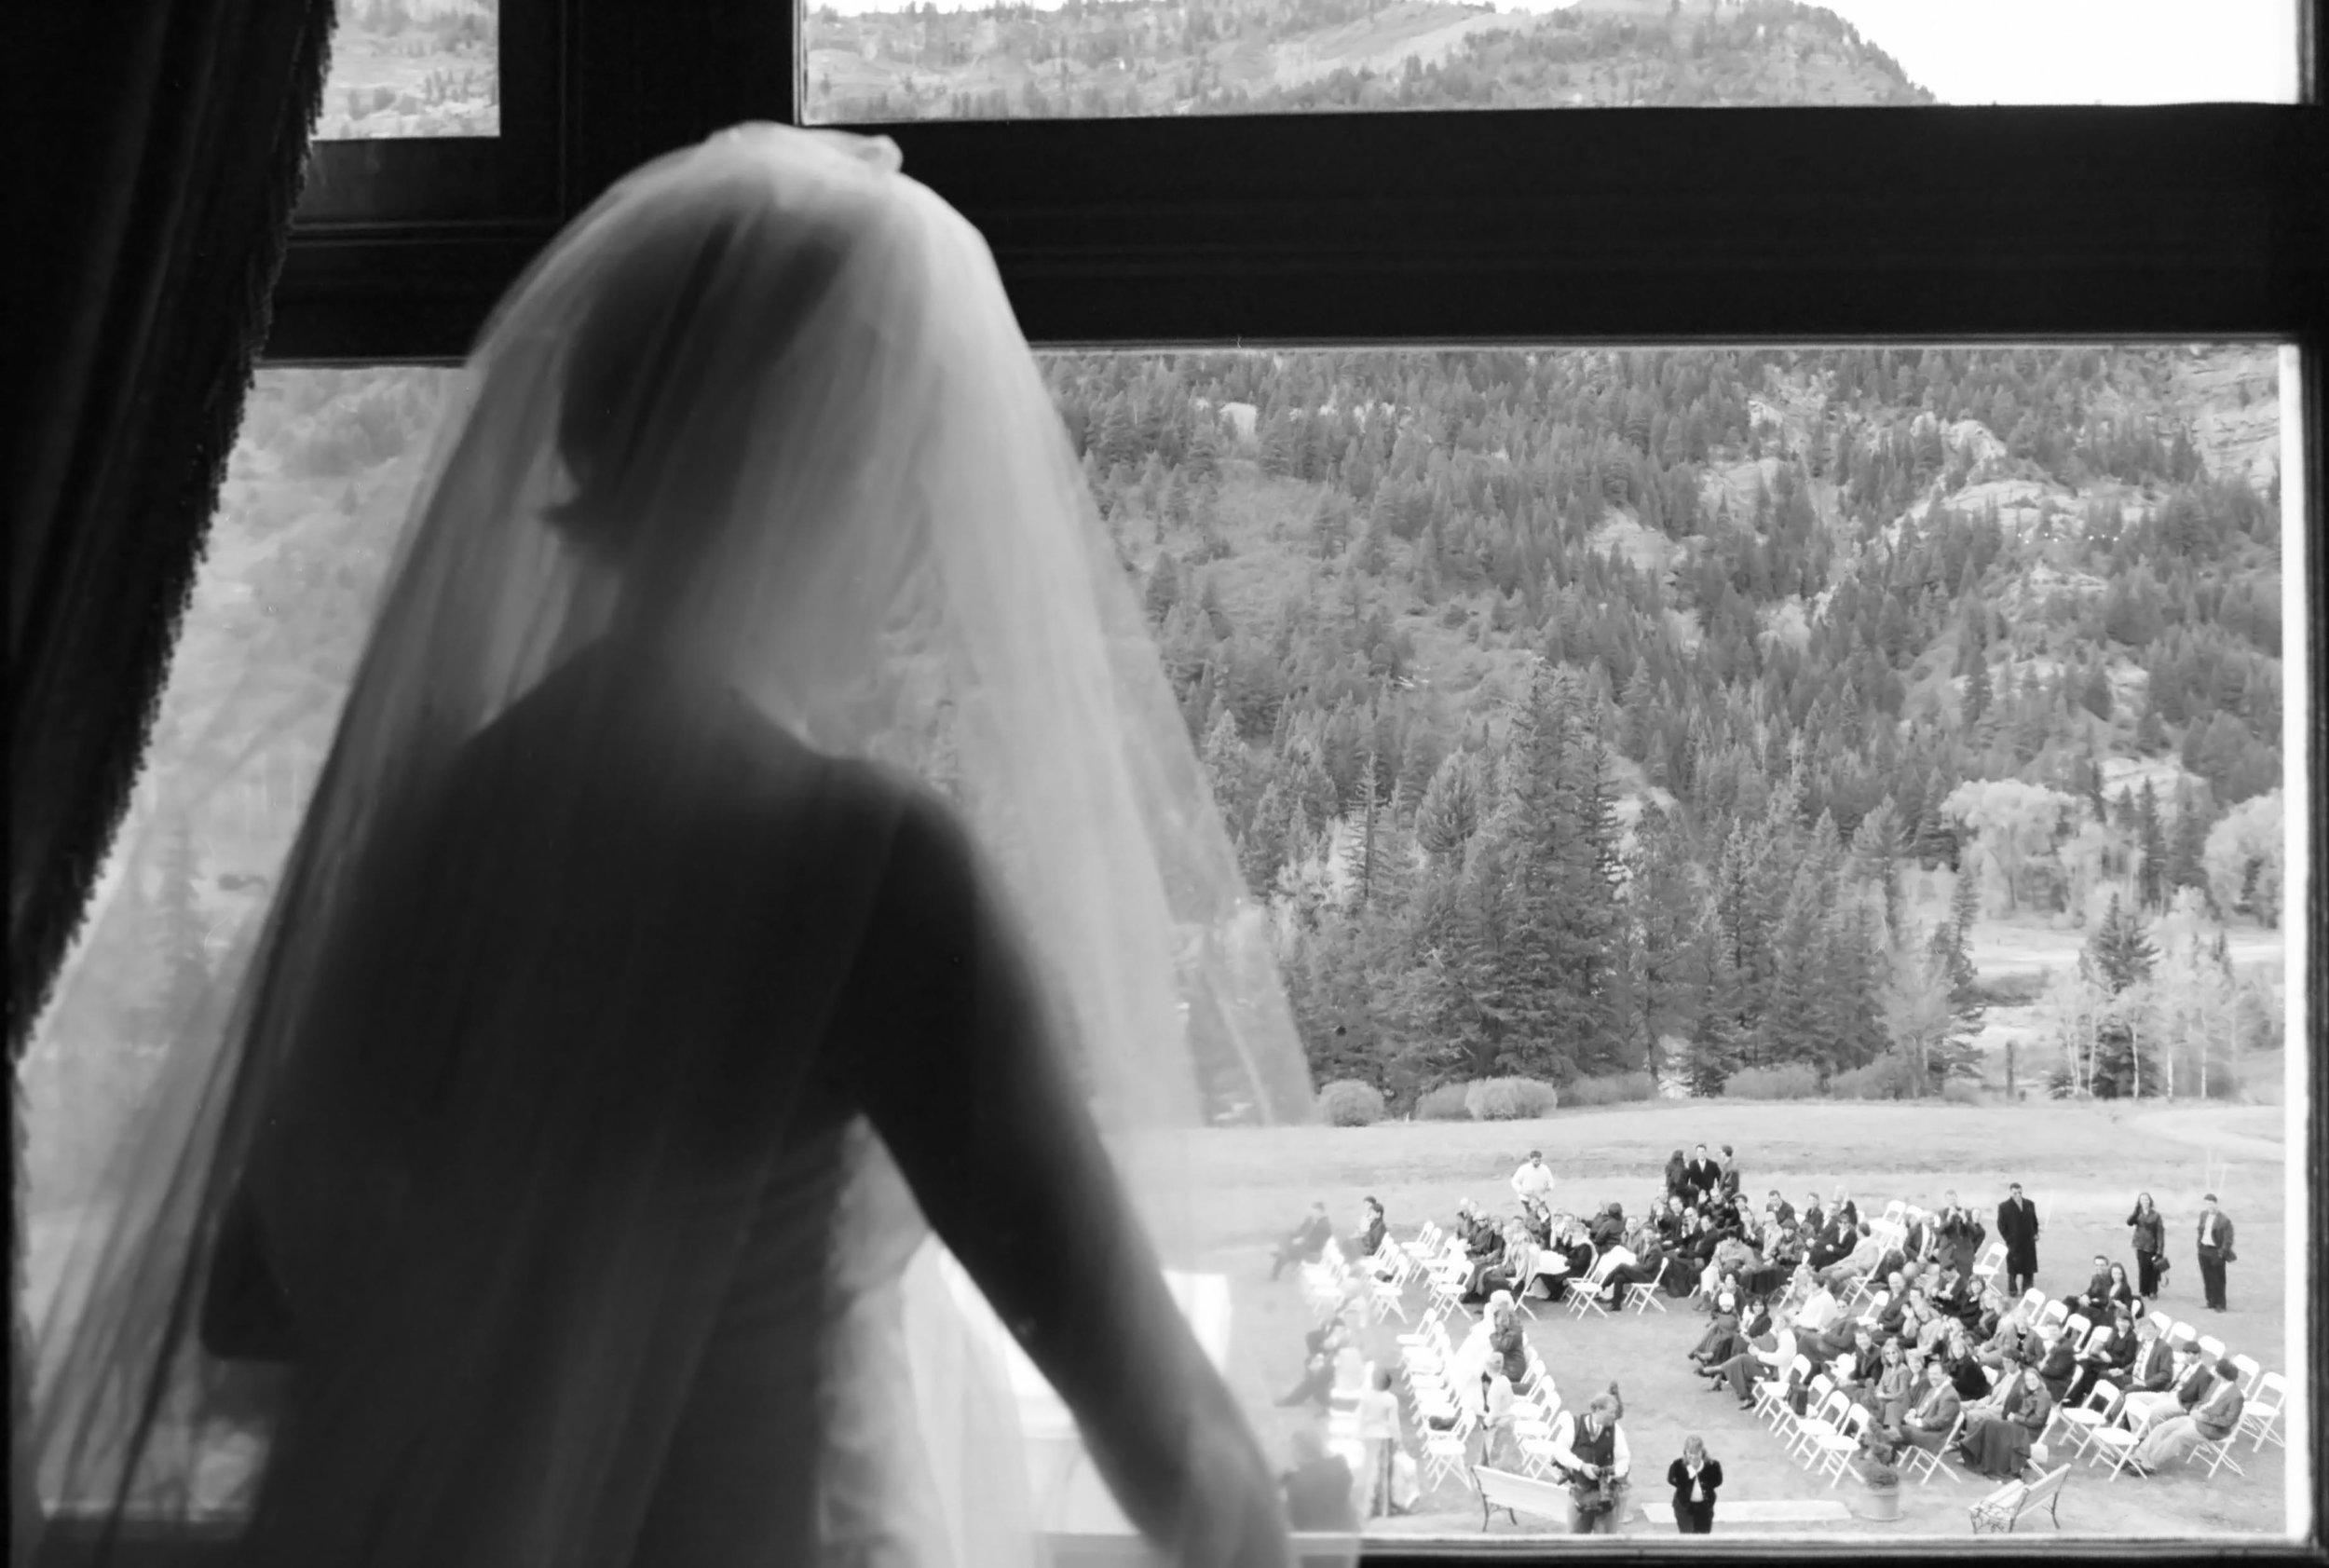 unique-wedding-photograpy-axelphoto.jpg